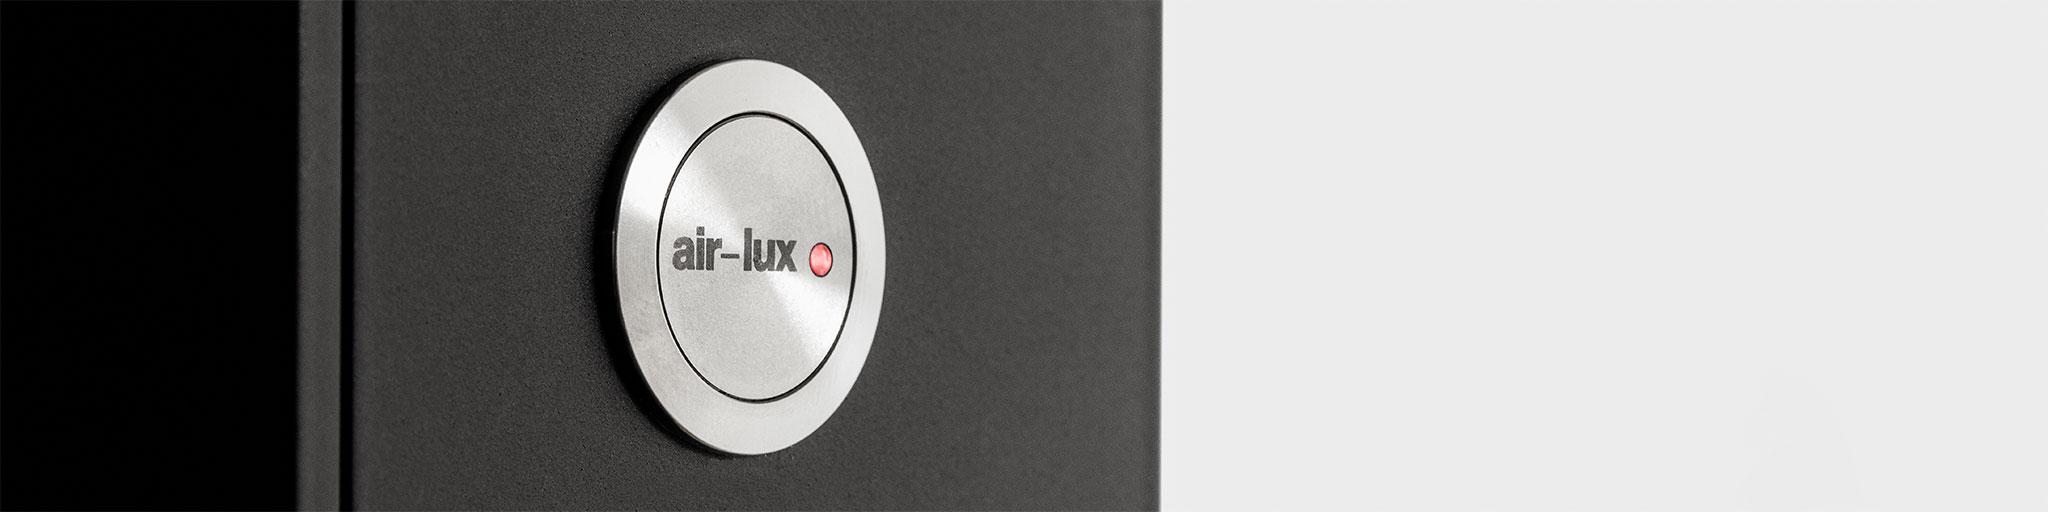 der air-lux-Knopf